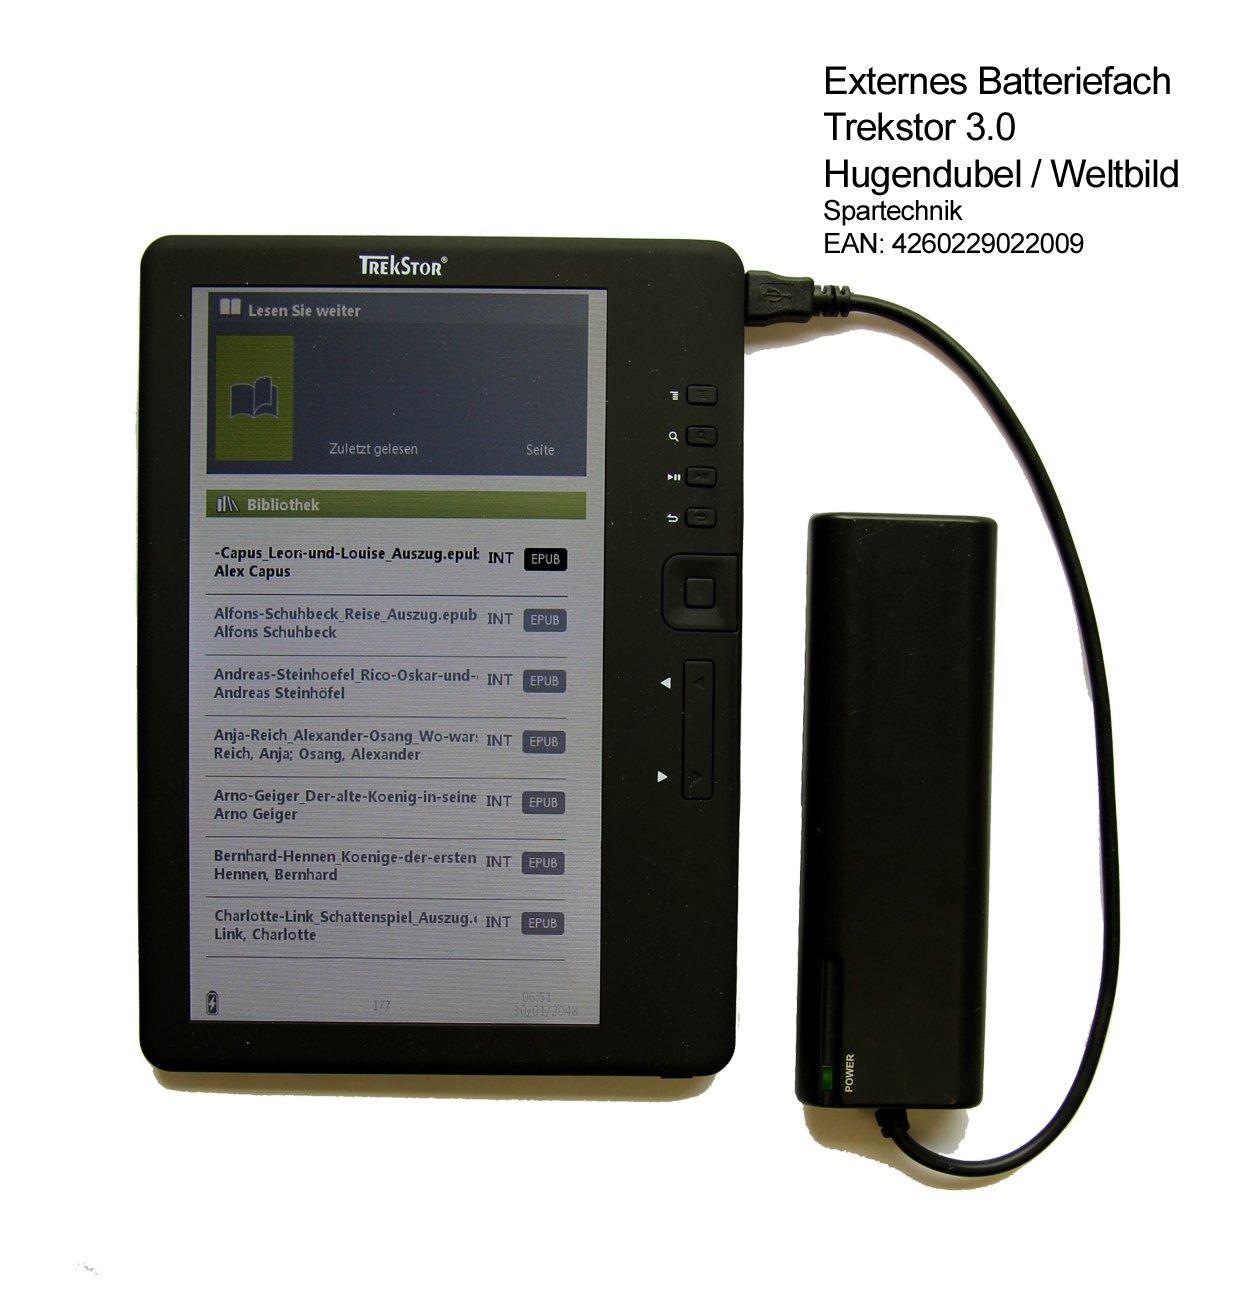 Spartechnik Cargador de batería portátil para Trekstor 3.0 ...